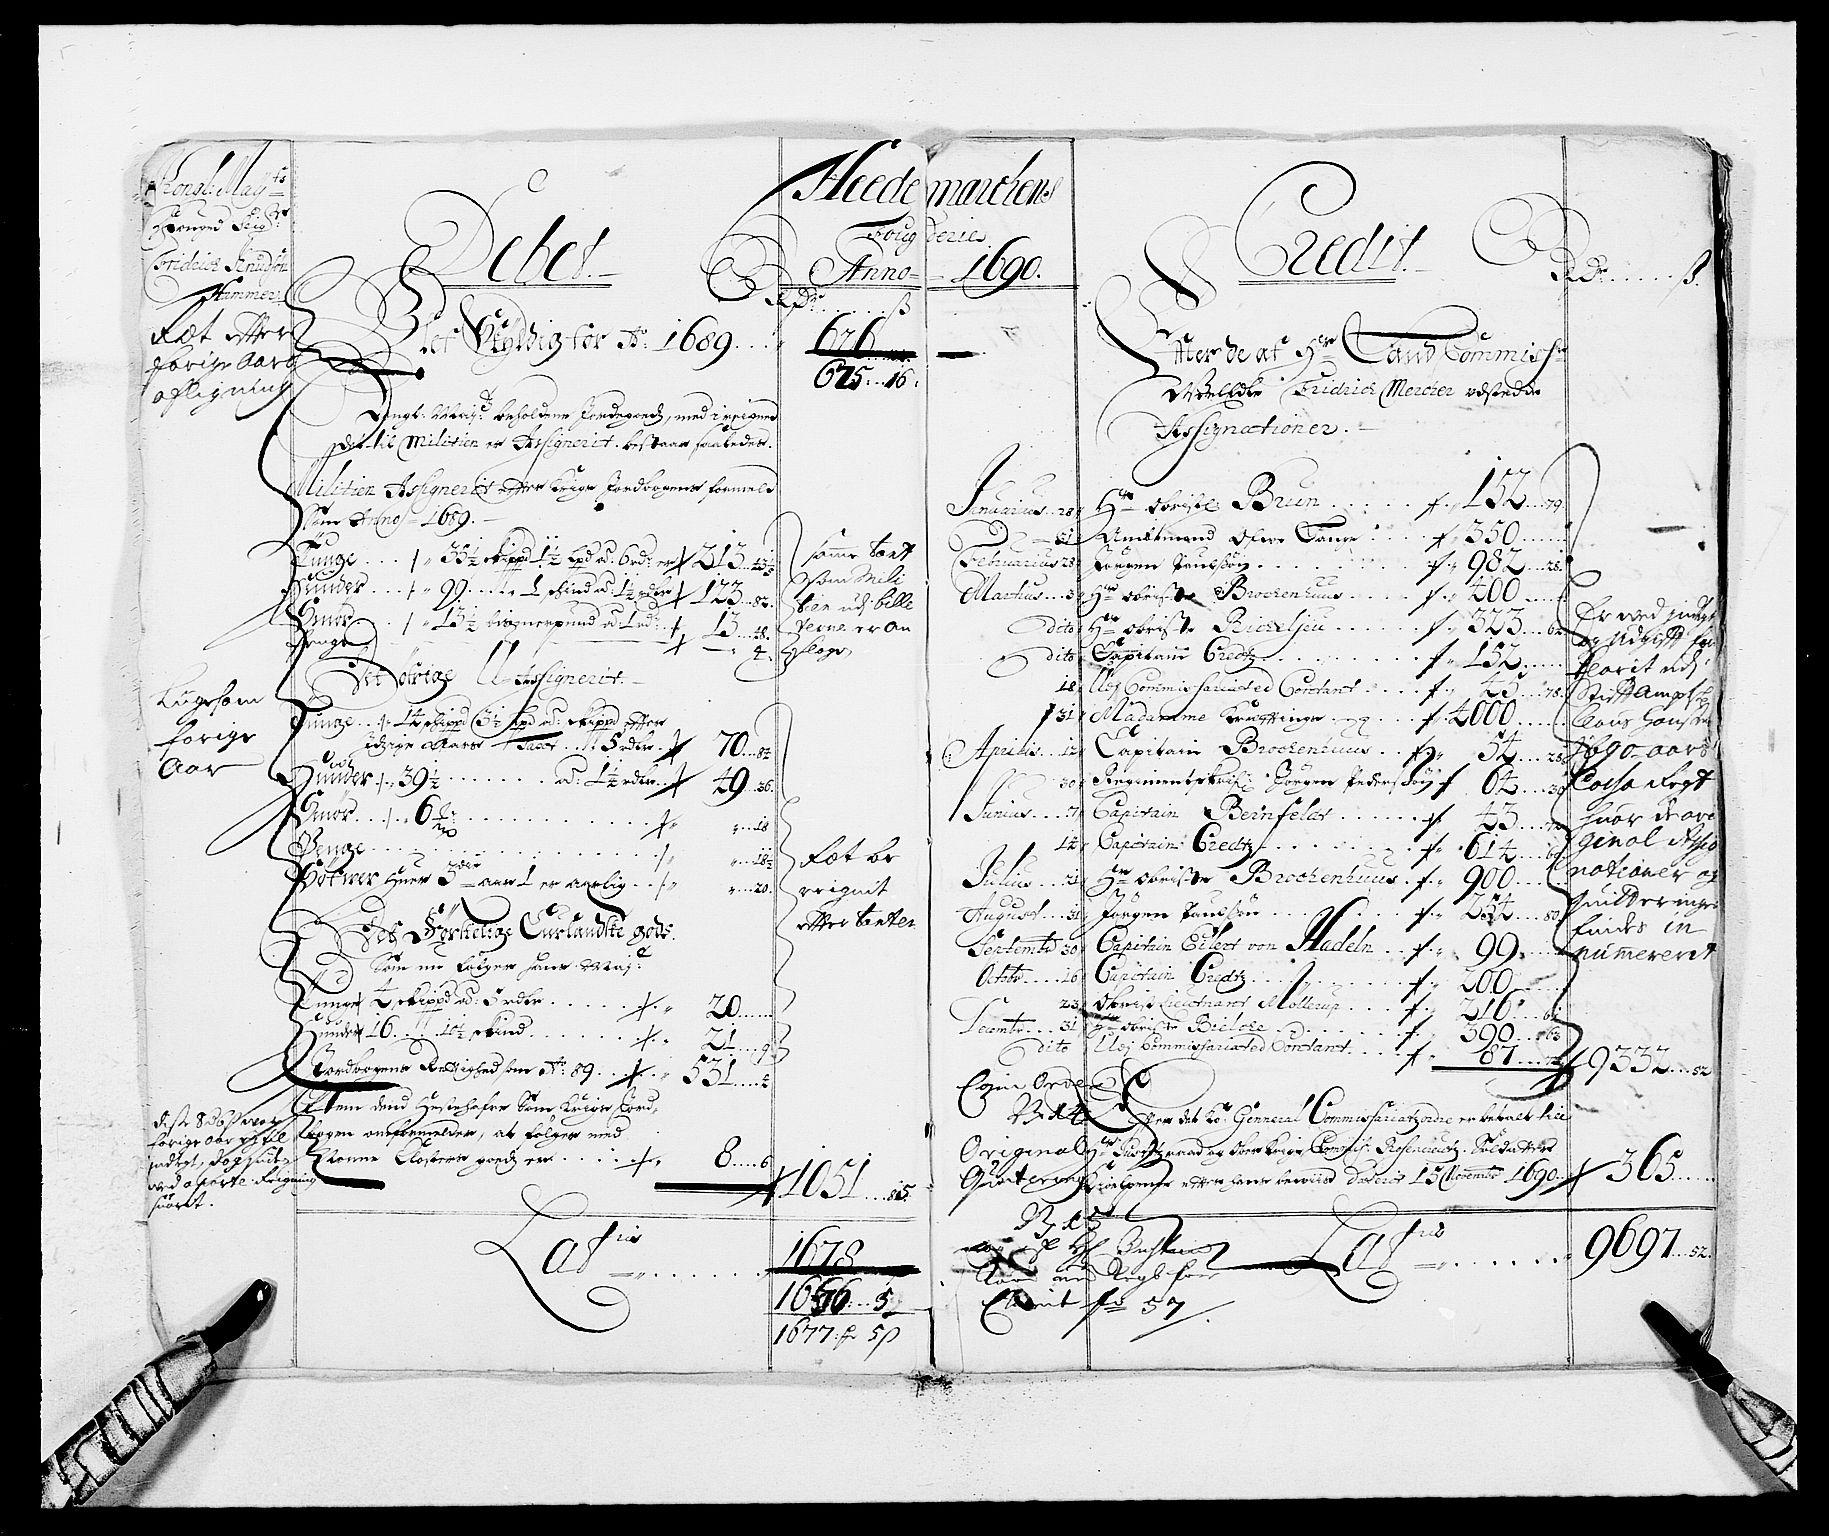 RA, Rentekammeret inntil 1814, Reviderte regnskaper, Fogderegnskap, R16/L1030: Fogderegnskap Hedmark, 1689-1691, s. 8